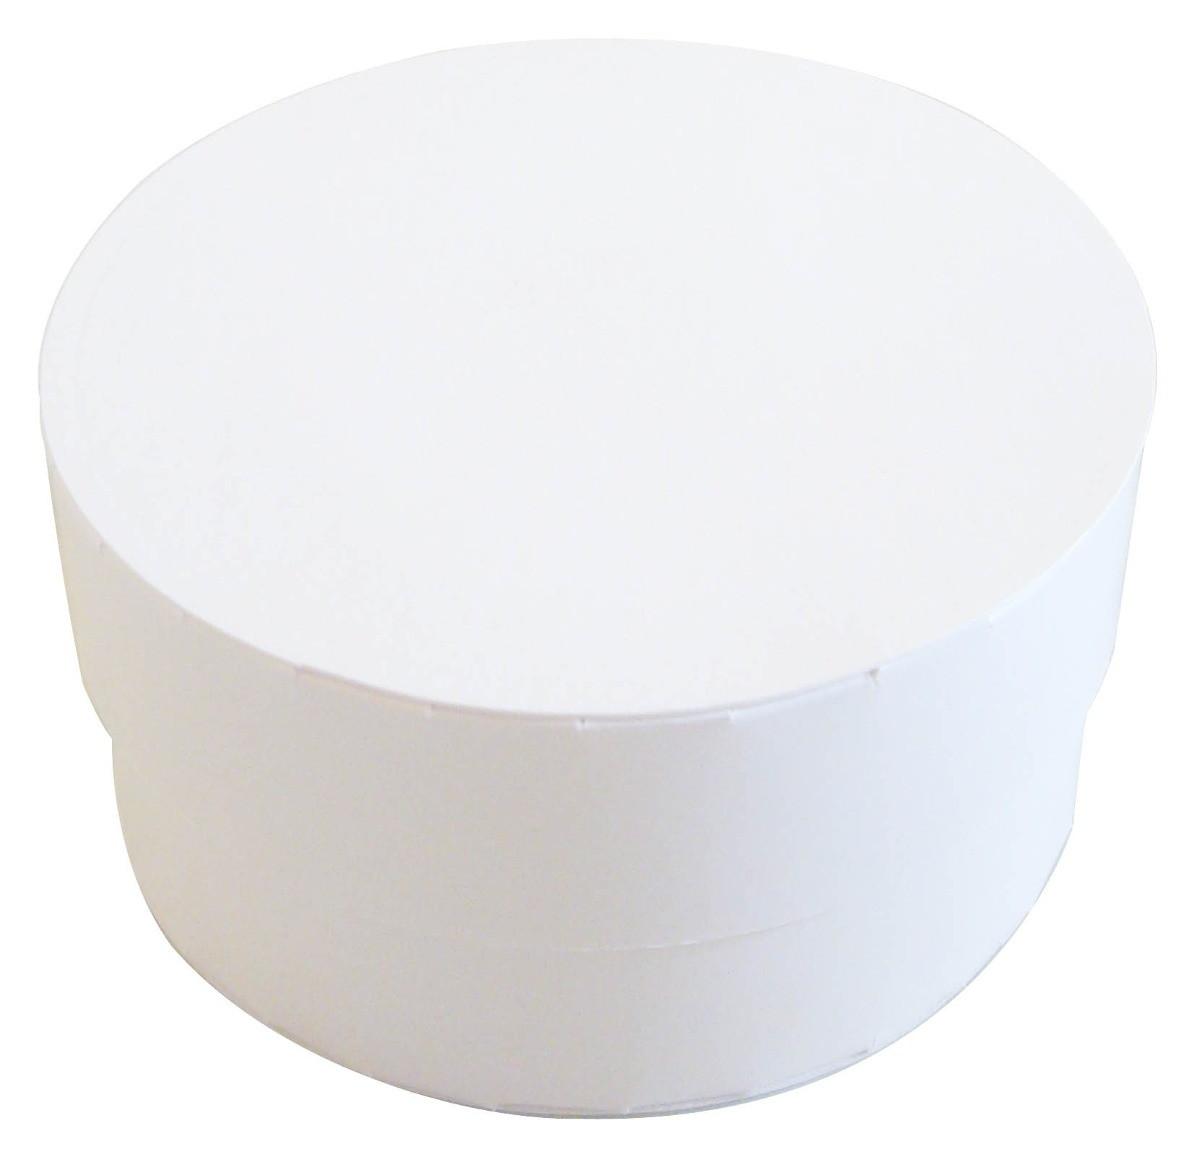 6090073e41 Caixa redonda no Elo7 | Po JuJu Papel e Arte (DAC9B8)